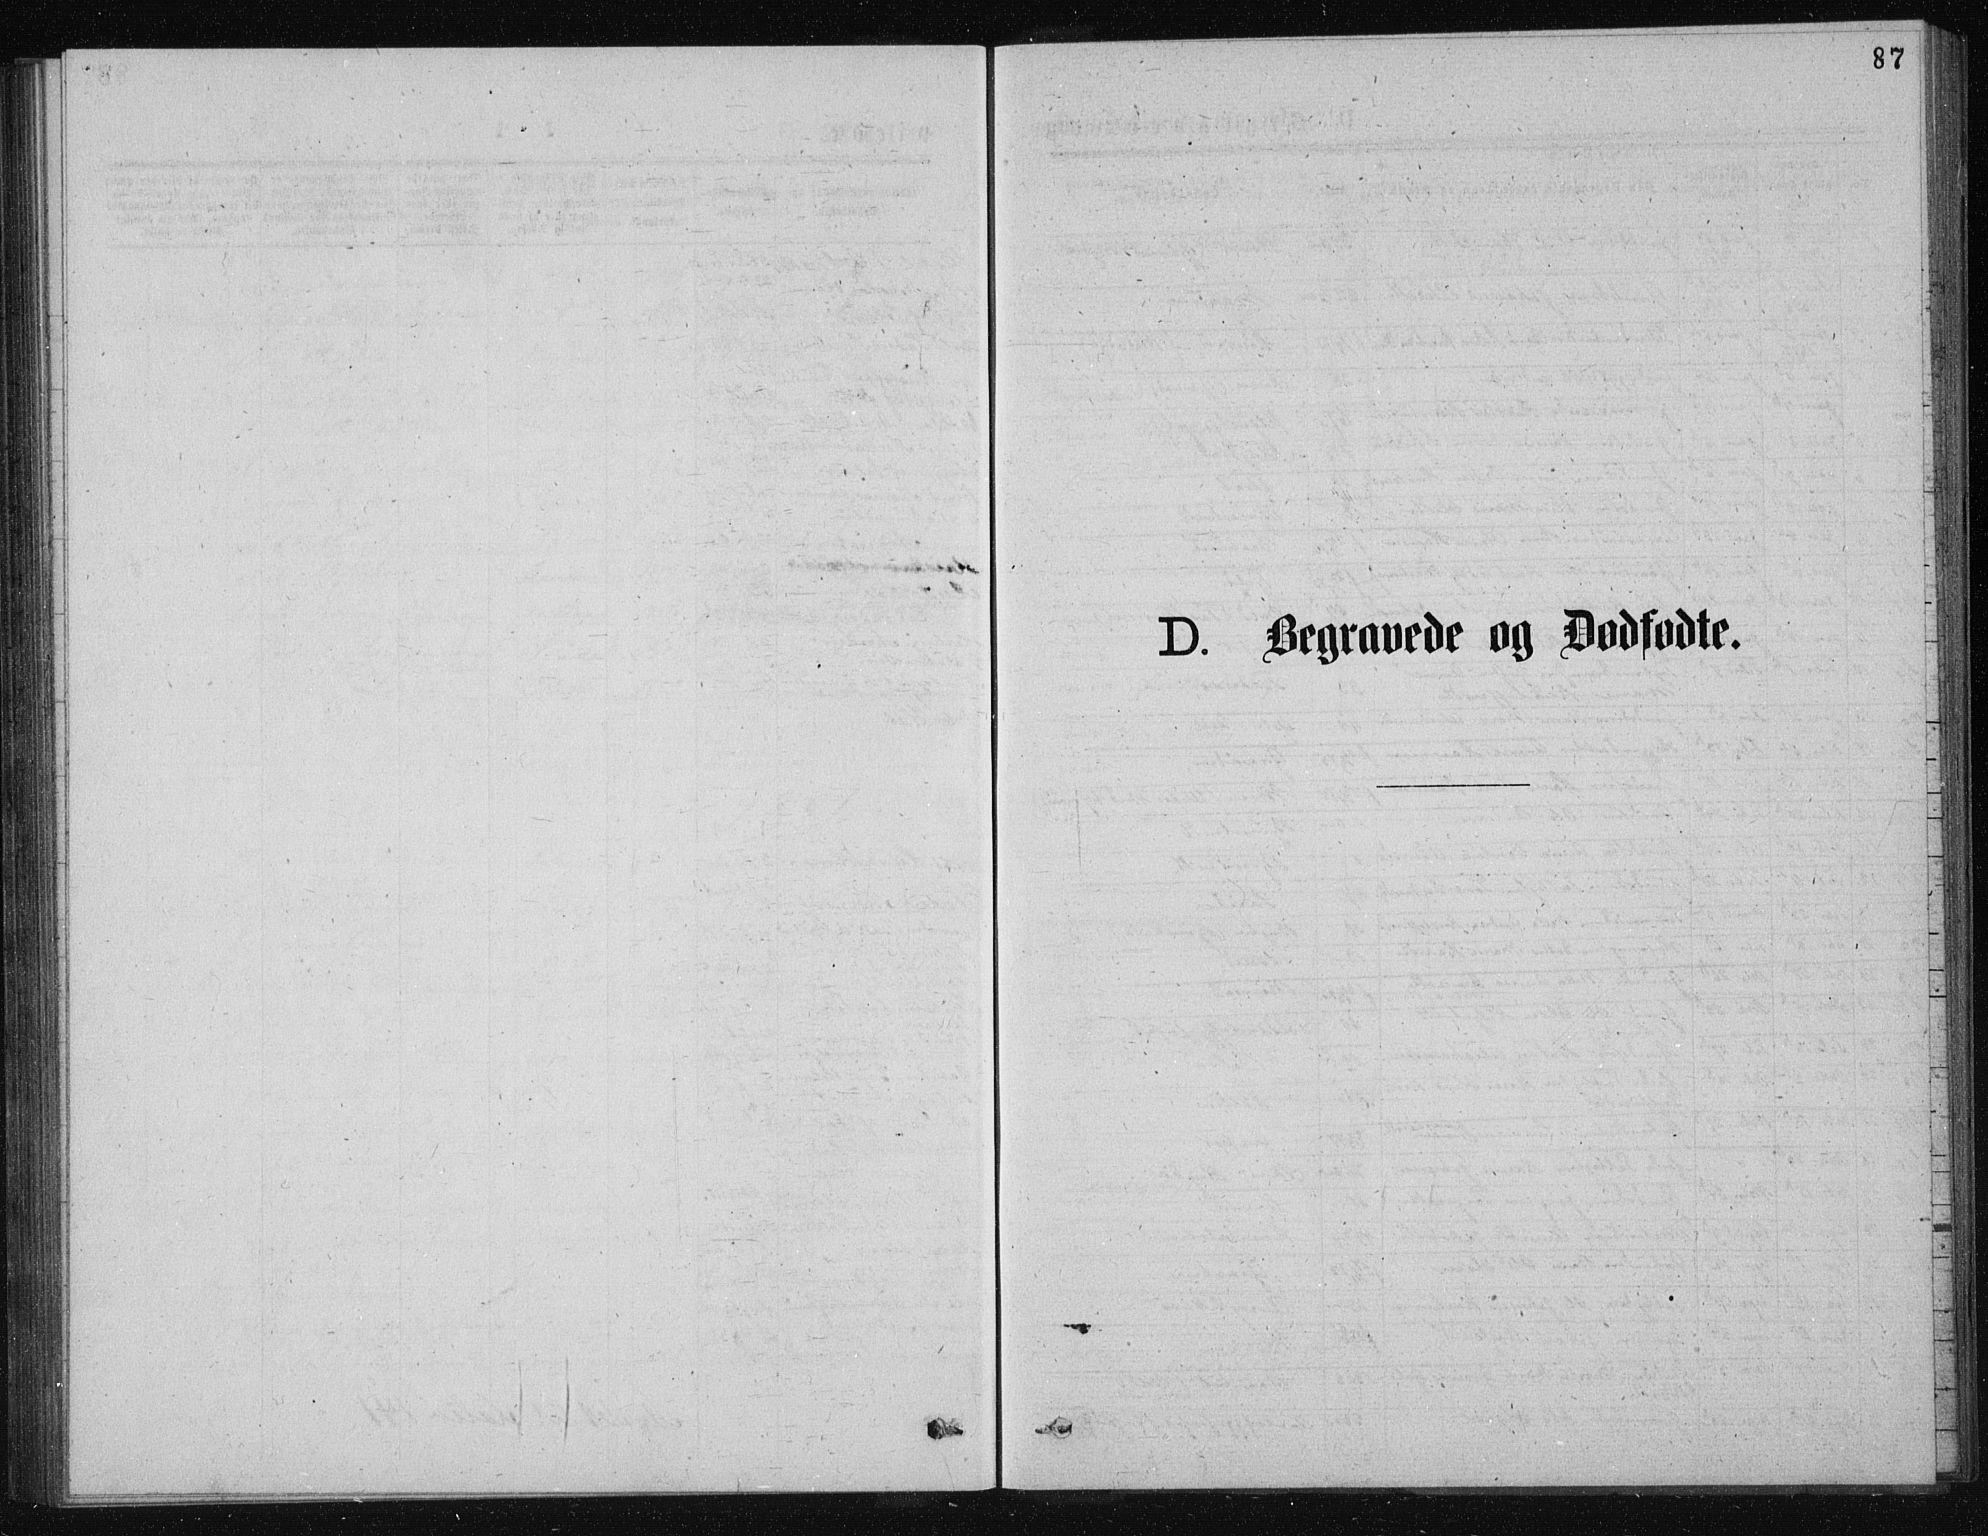 SAKO, Solum kirkebøker, G/Ga/L0005: Klokkerbok nr. I 5, 1877-1881, s. 87